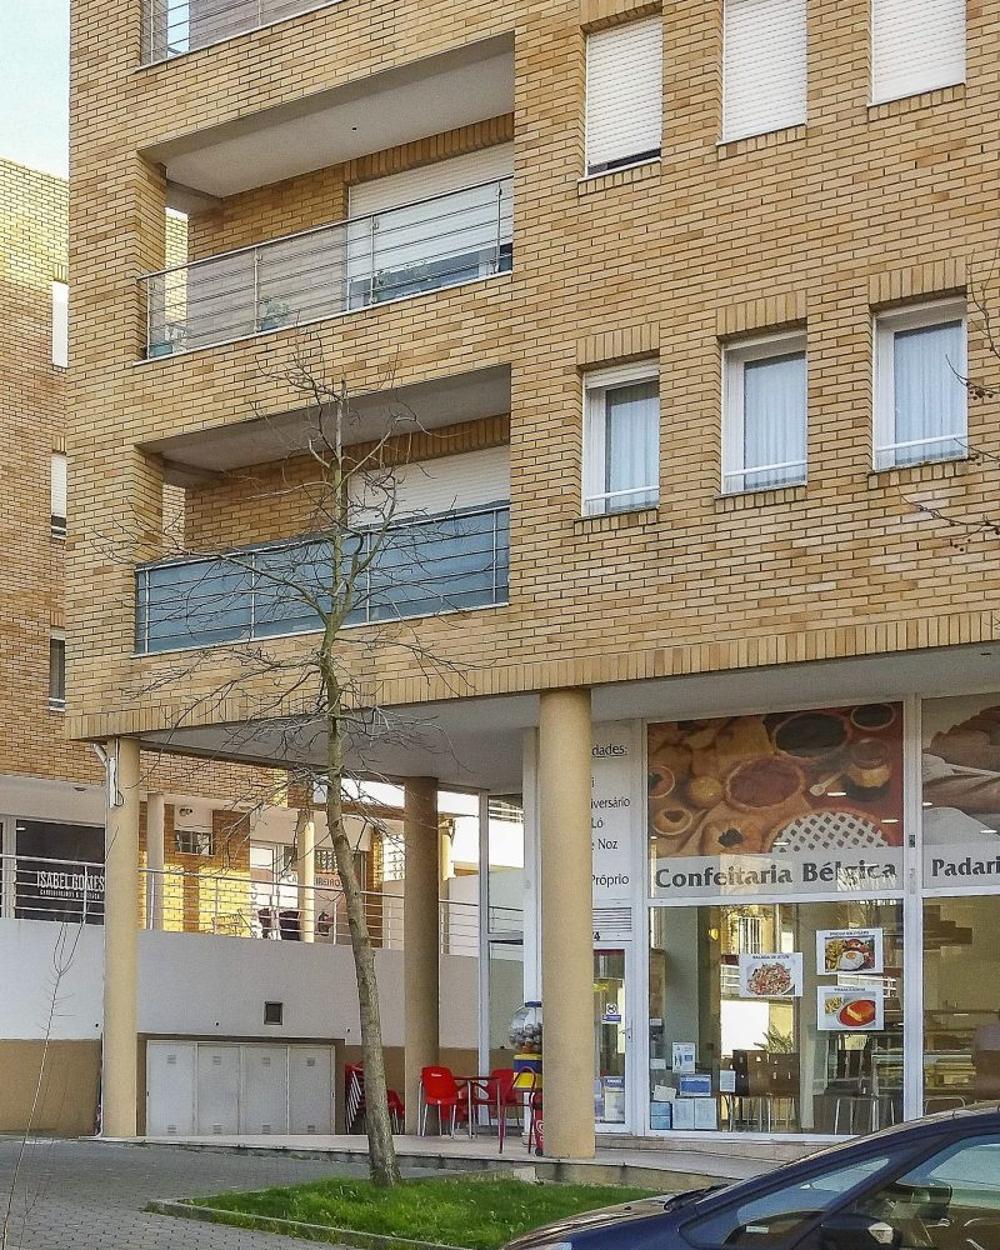 Canidelo Vila Do Conde Laden Bild 4871